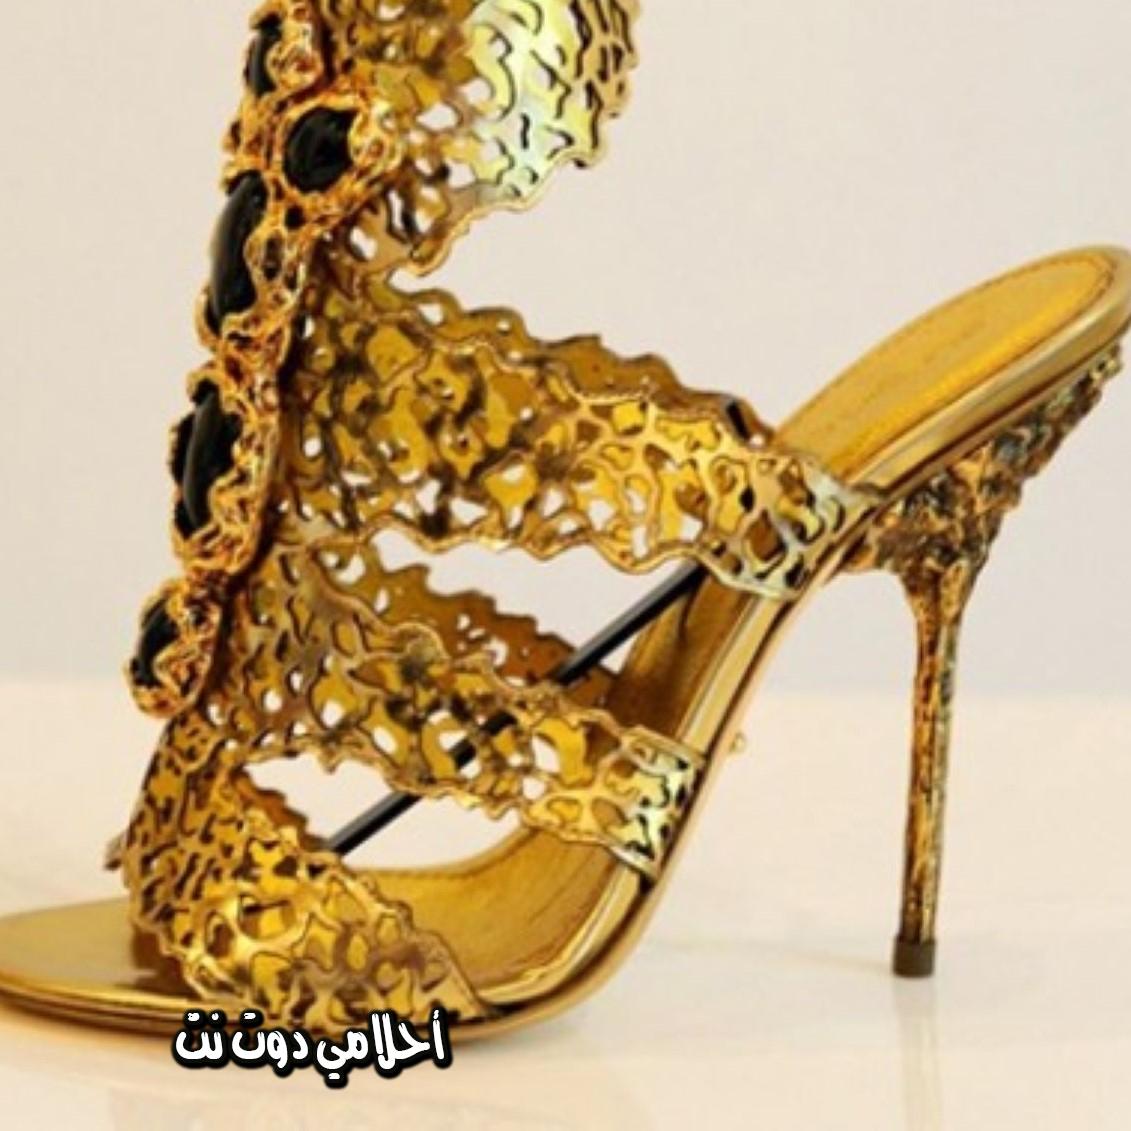 صورة تفسير حلم حذاء ذهبي كعب 2692